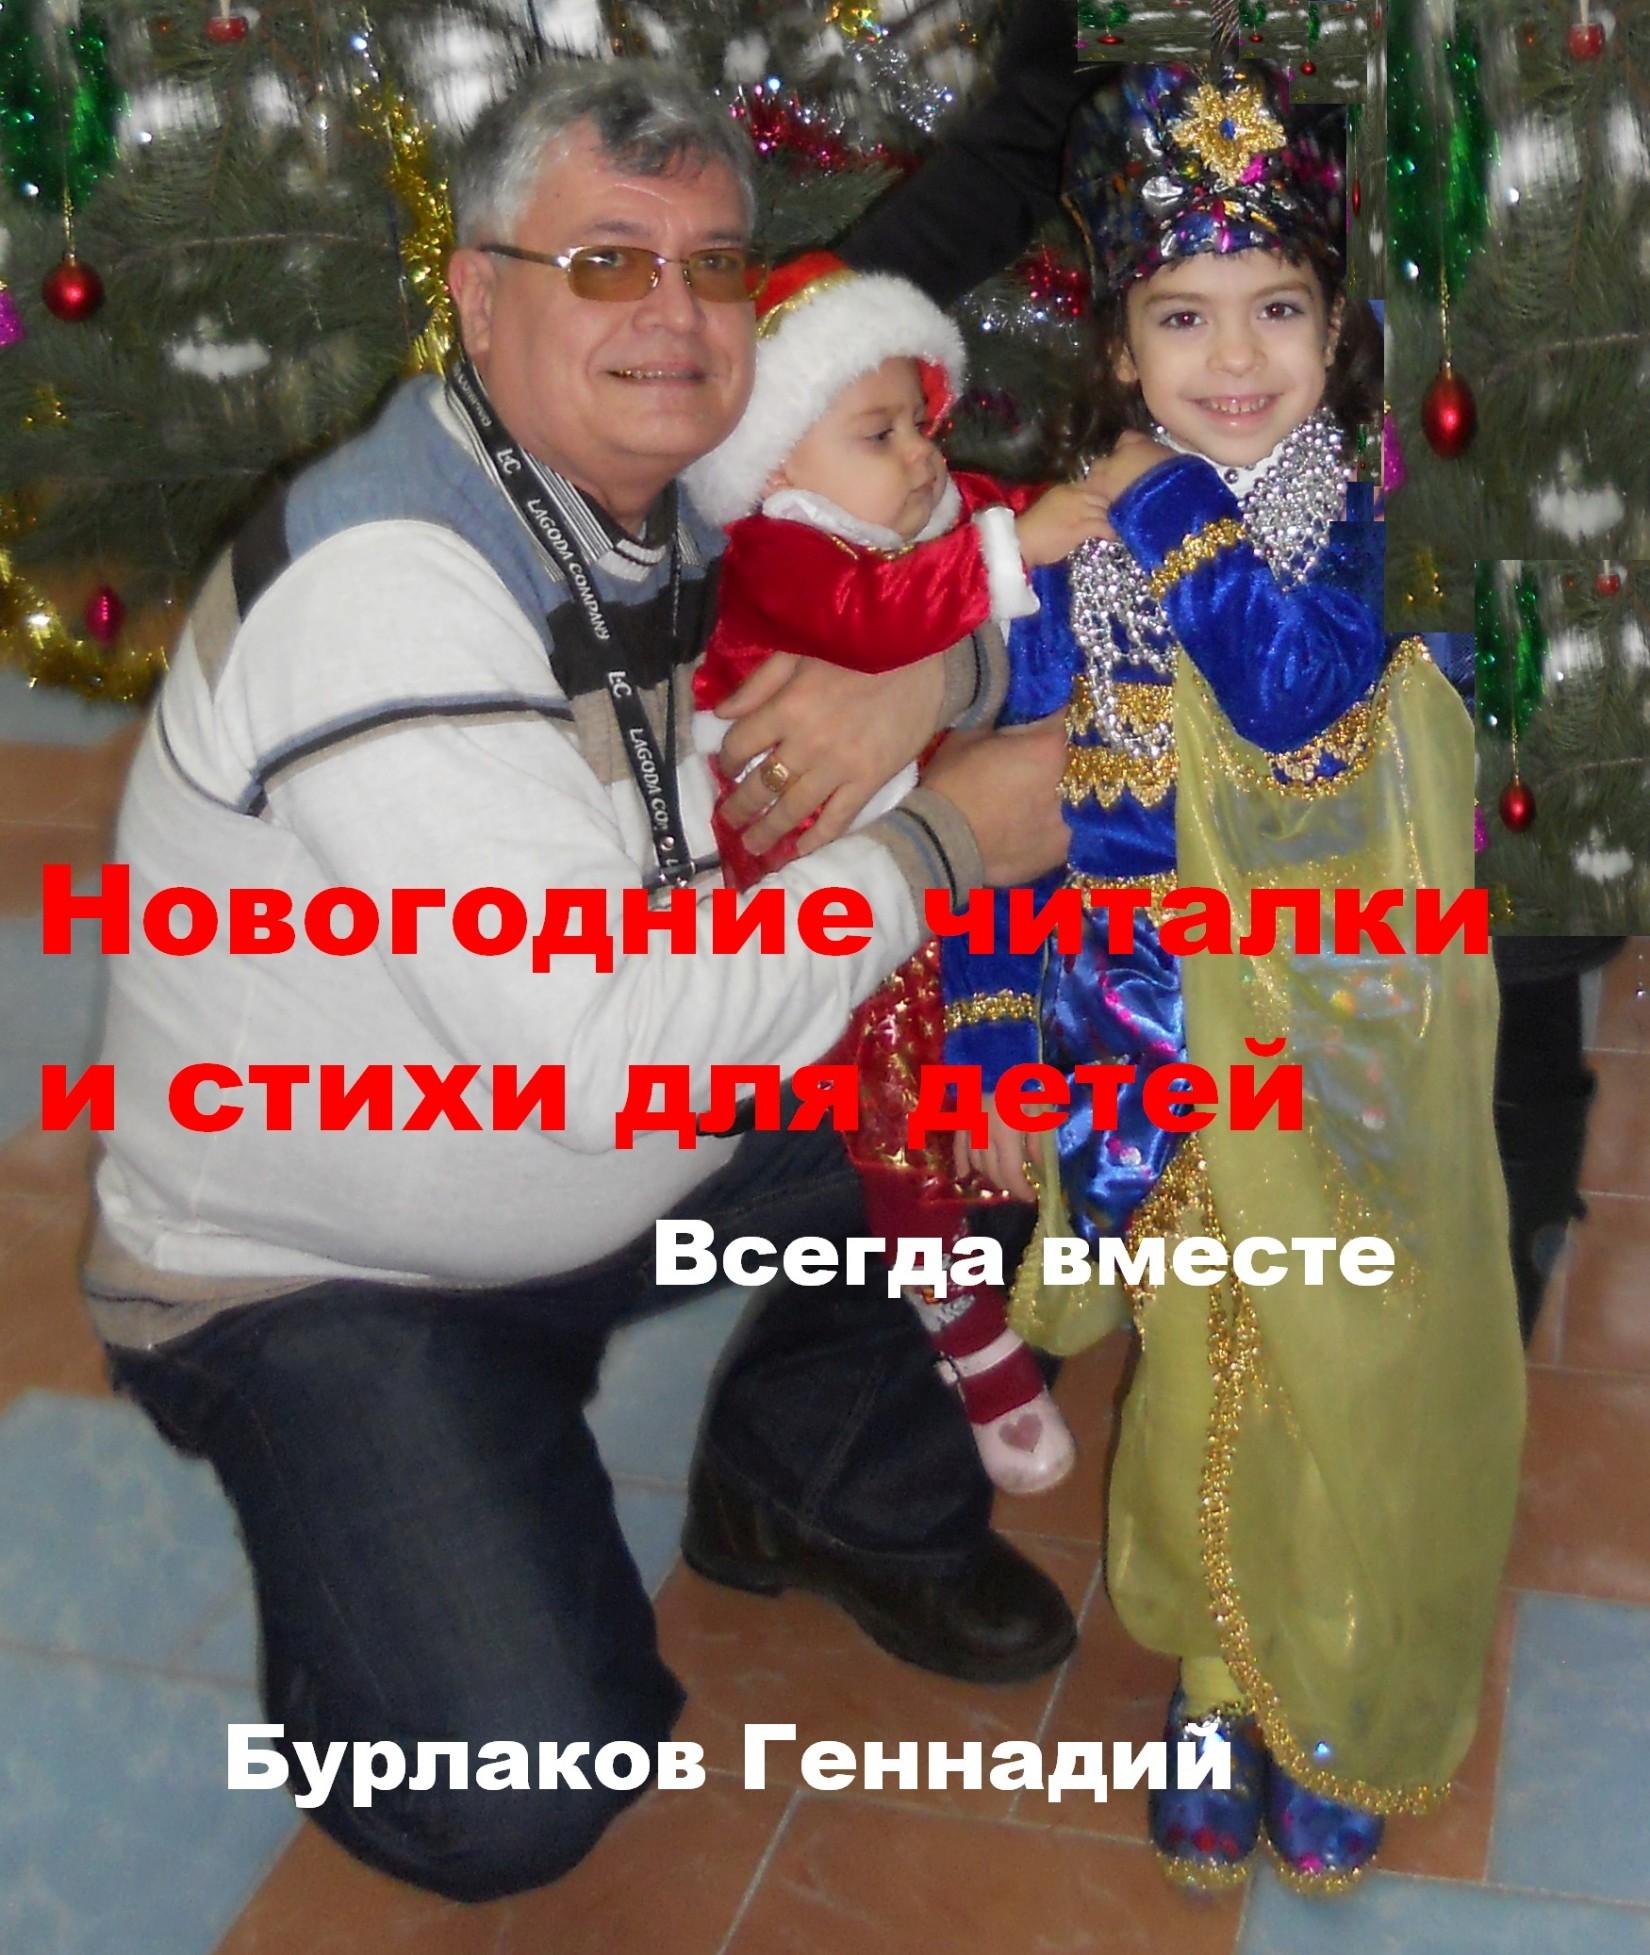 Геннадий Анатольевич Бурлаков